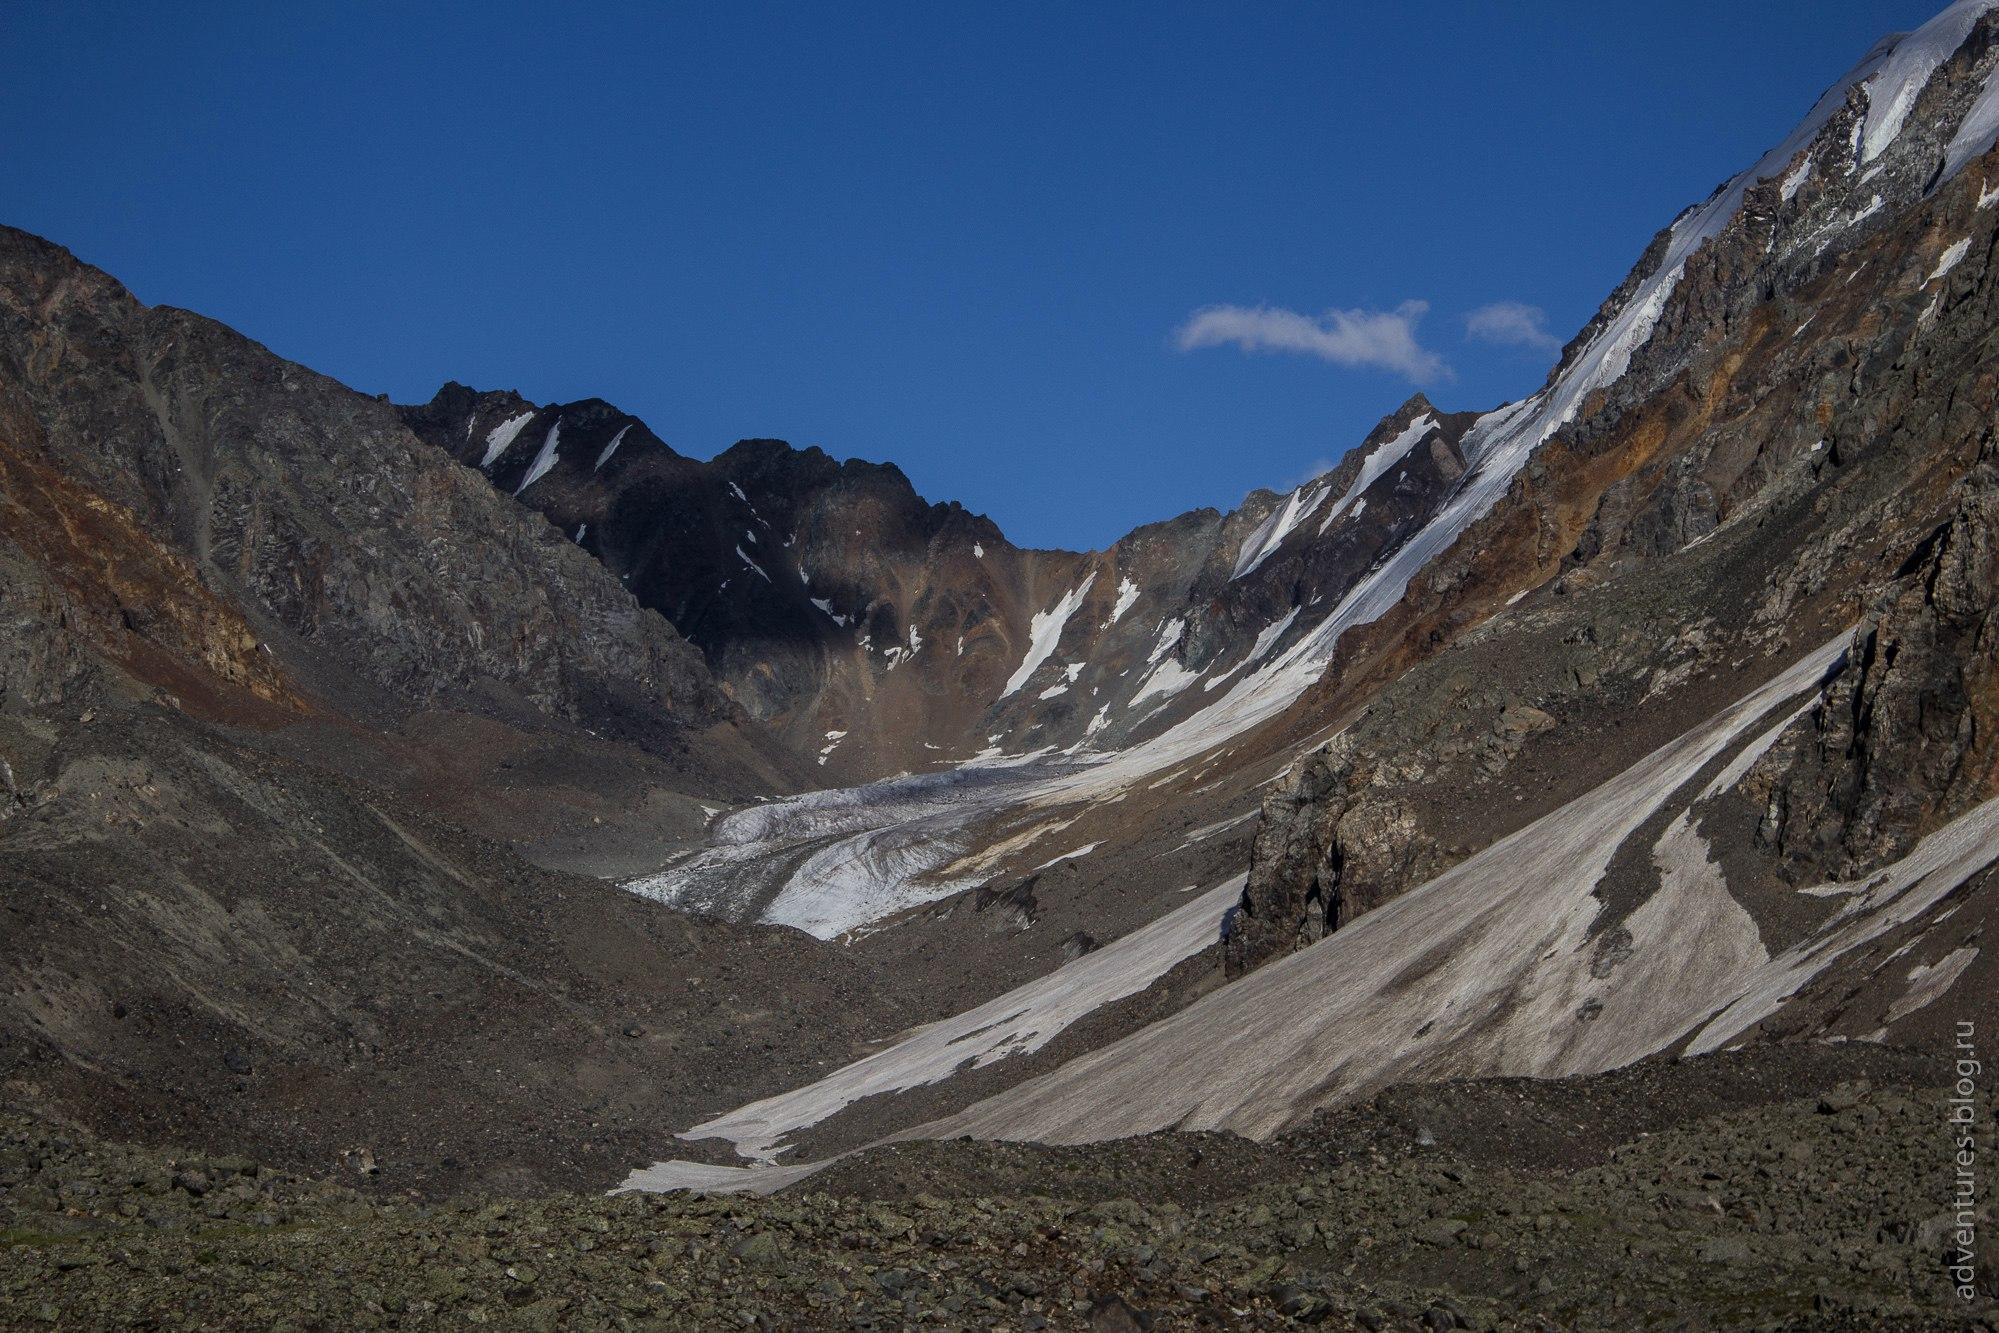 По центру фото - перевал Нижний Шавлинский 1Б, 3200 н.у.м.